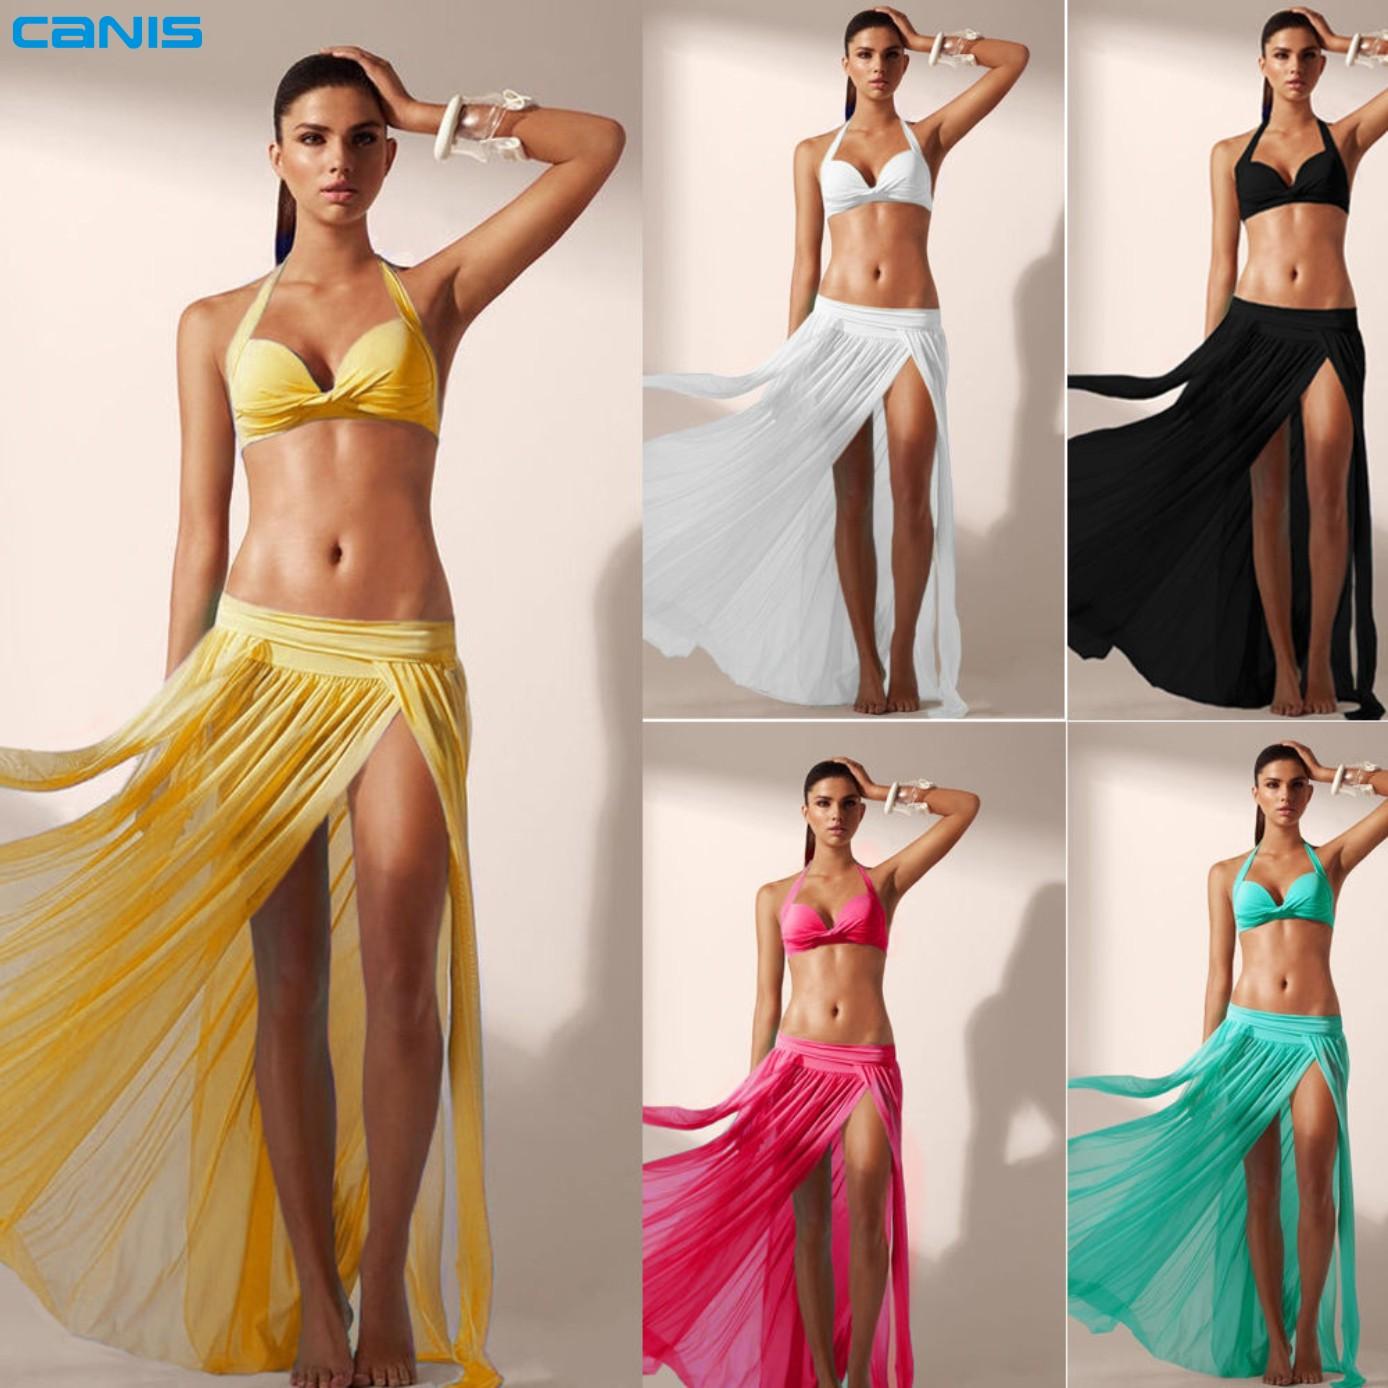 6dc979085f497 Summer Style 2019 Sexy Women Swimwear Bikini Beach Cover Up Skirt Beach  Swimsuit Cover Up Beachwear